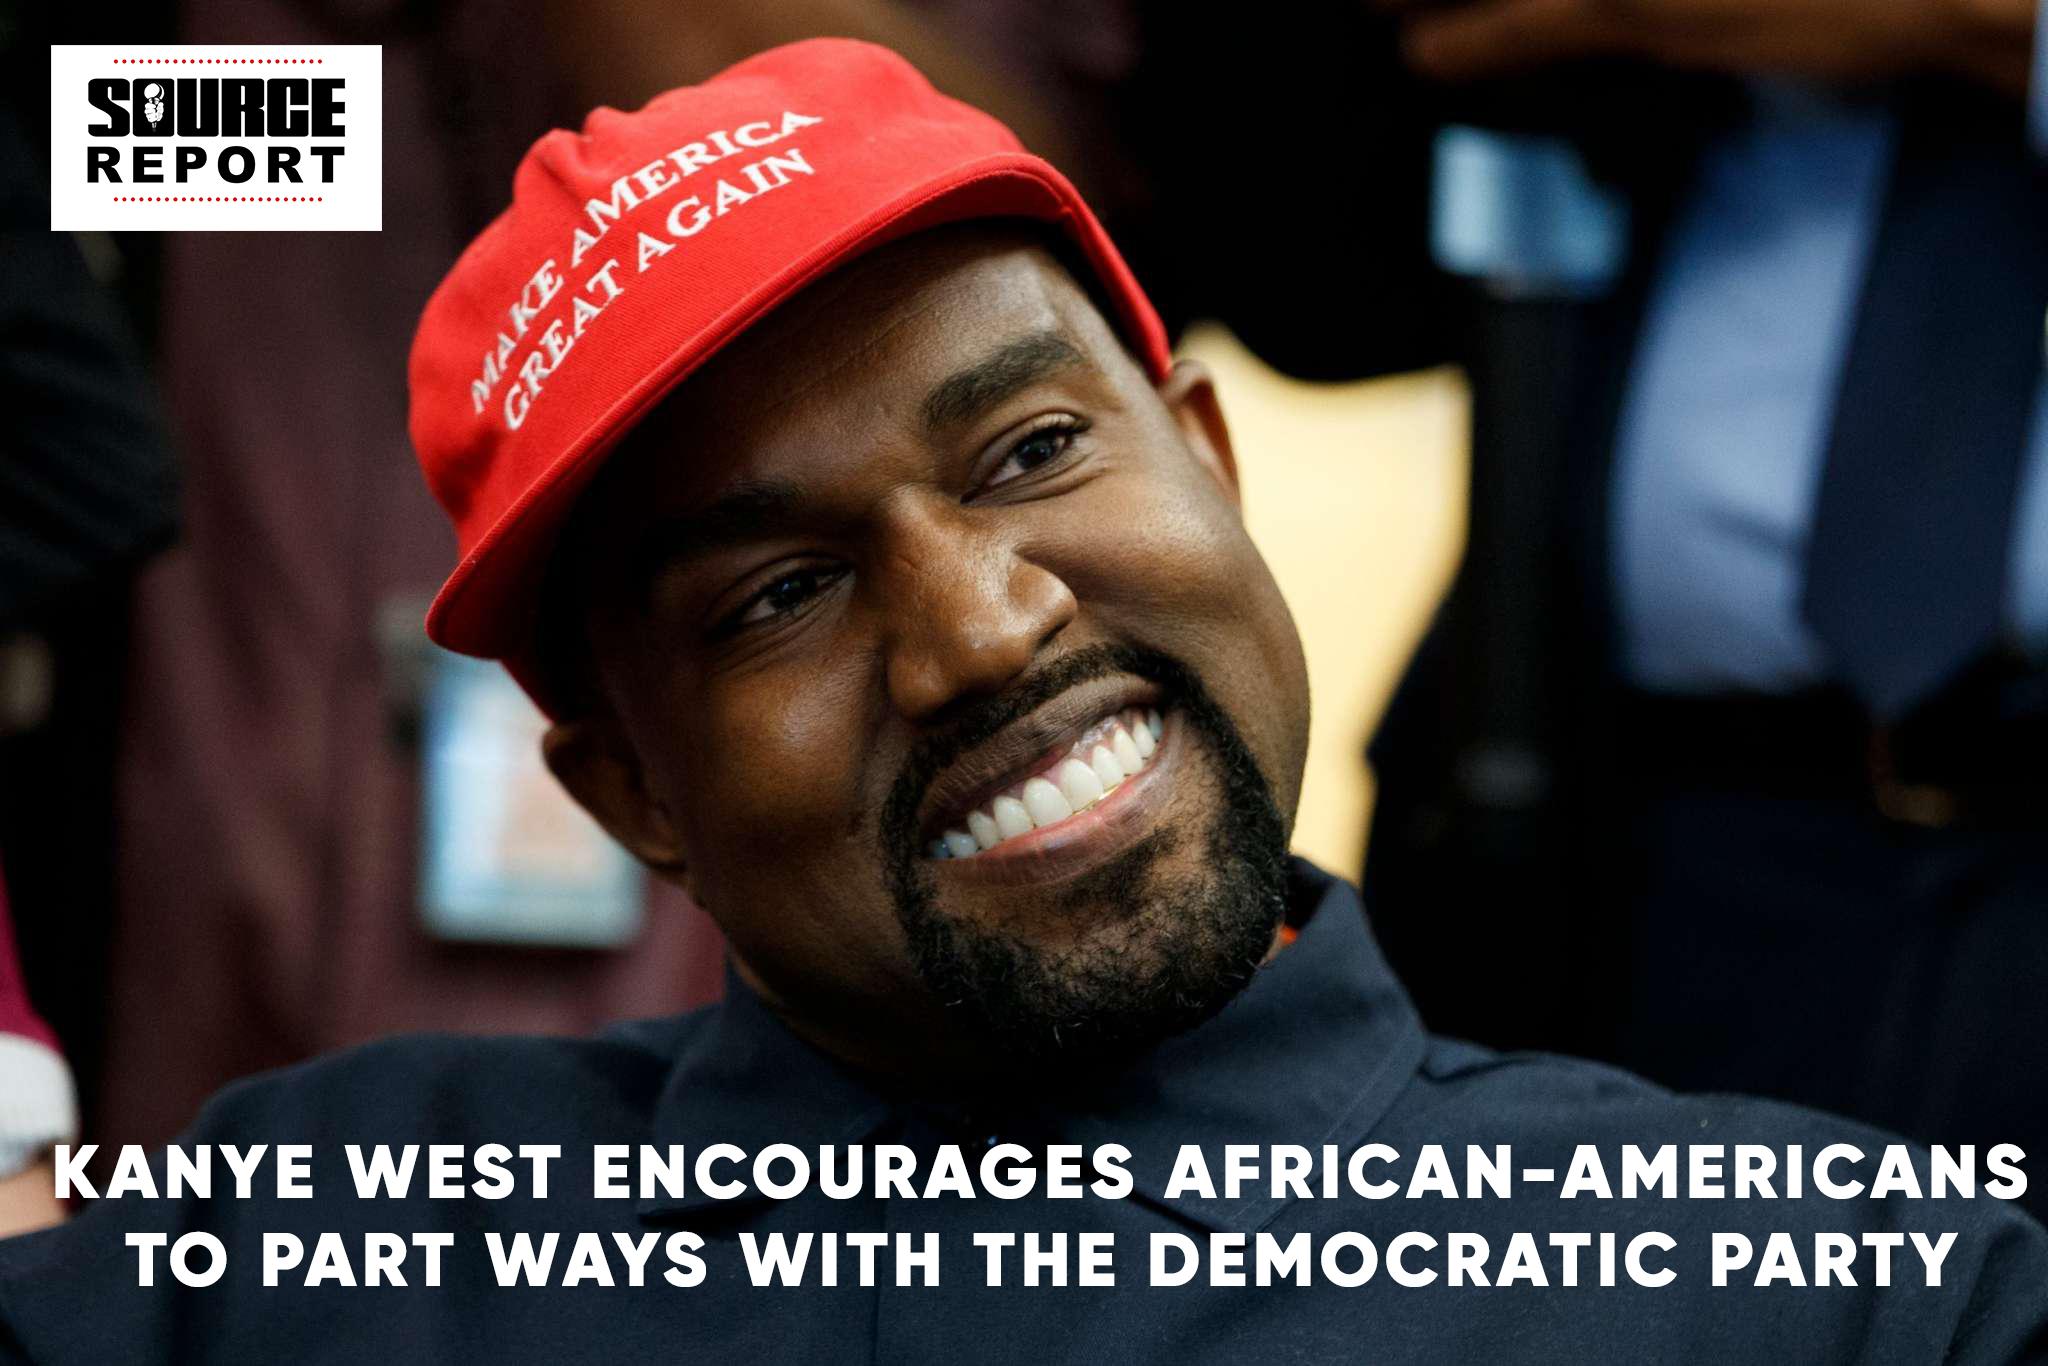 Kanye West copy